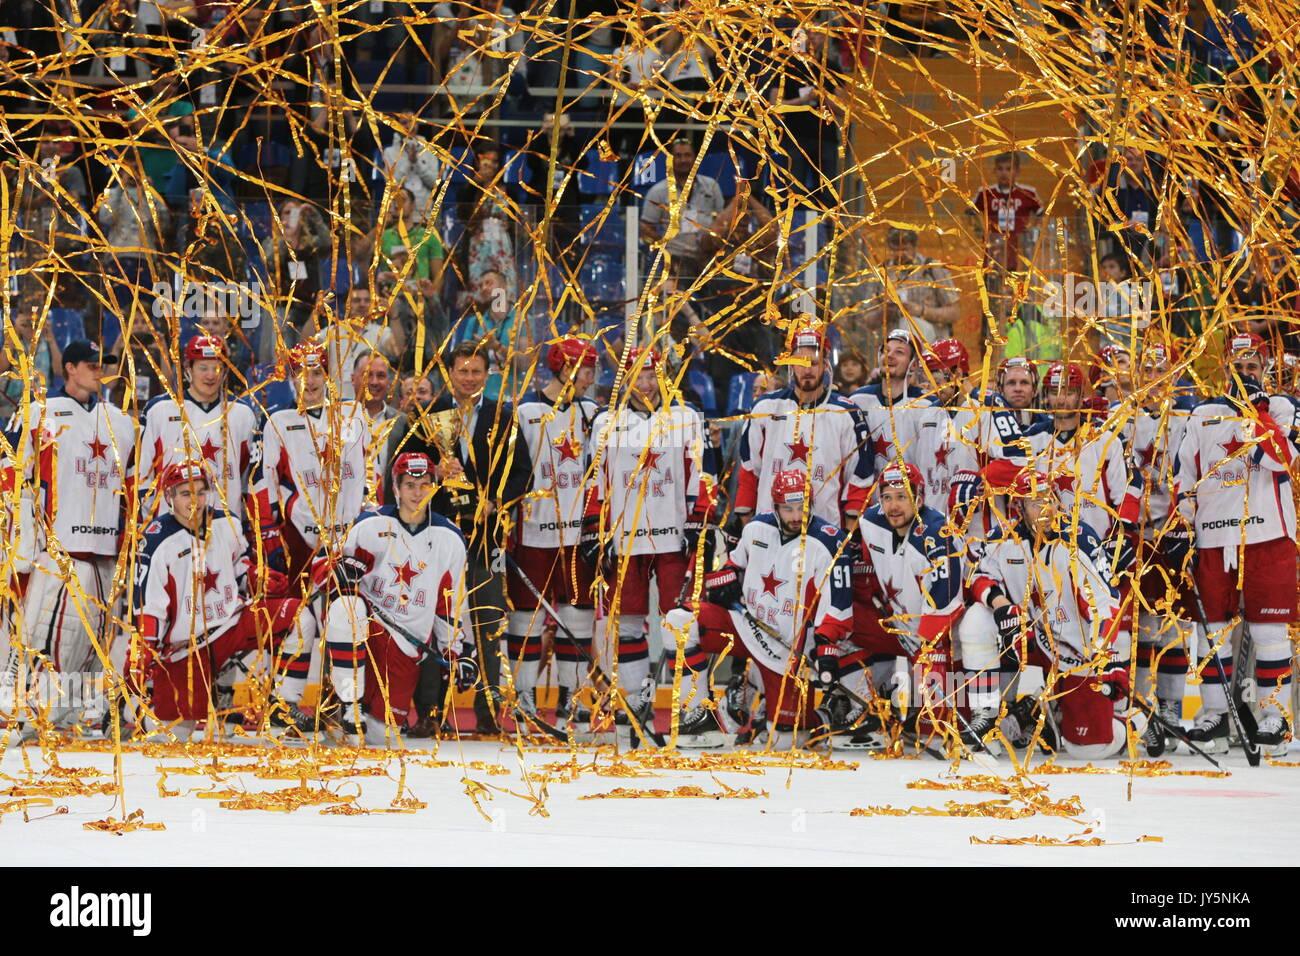 Moscou, Russie. 18 août, 2017. Nikolai Gulyayev (C), chef du gouvernement de Moscou, du Sport et du tourisme, ministère, et le CSKA Moscou, les joueurs gagnants du maire de Moscou 2017 Coupe de hockey sur glace, au cours d'une cérémonie de remise de prix à Megasport Arena. Crédit: Sergei Bobylev/TASS/Alamy Live News Photo Stock